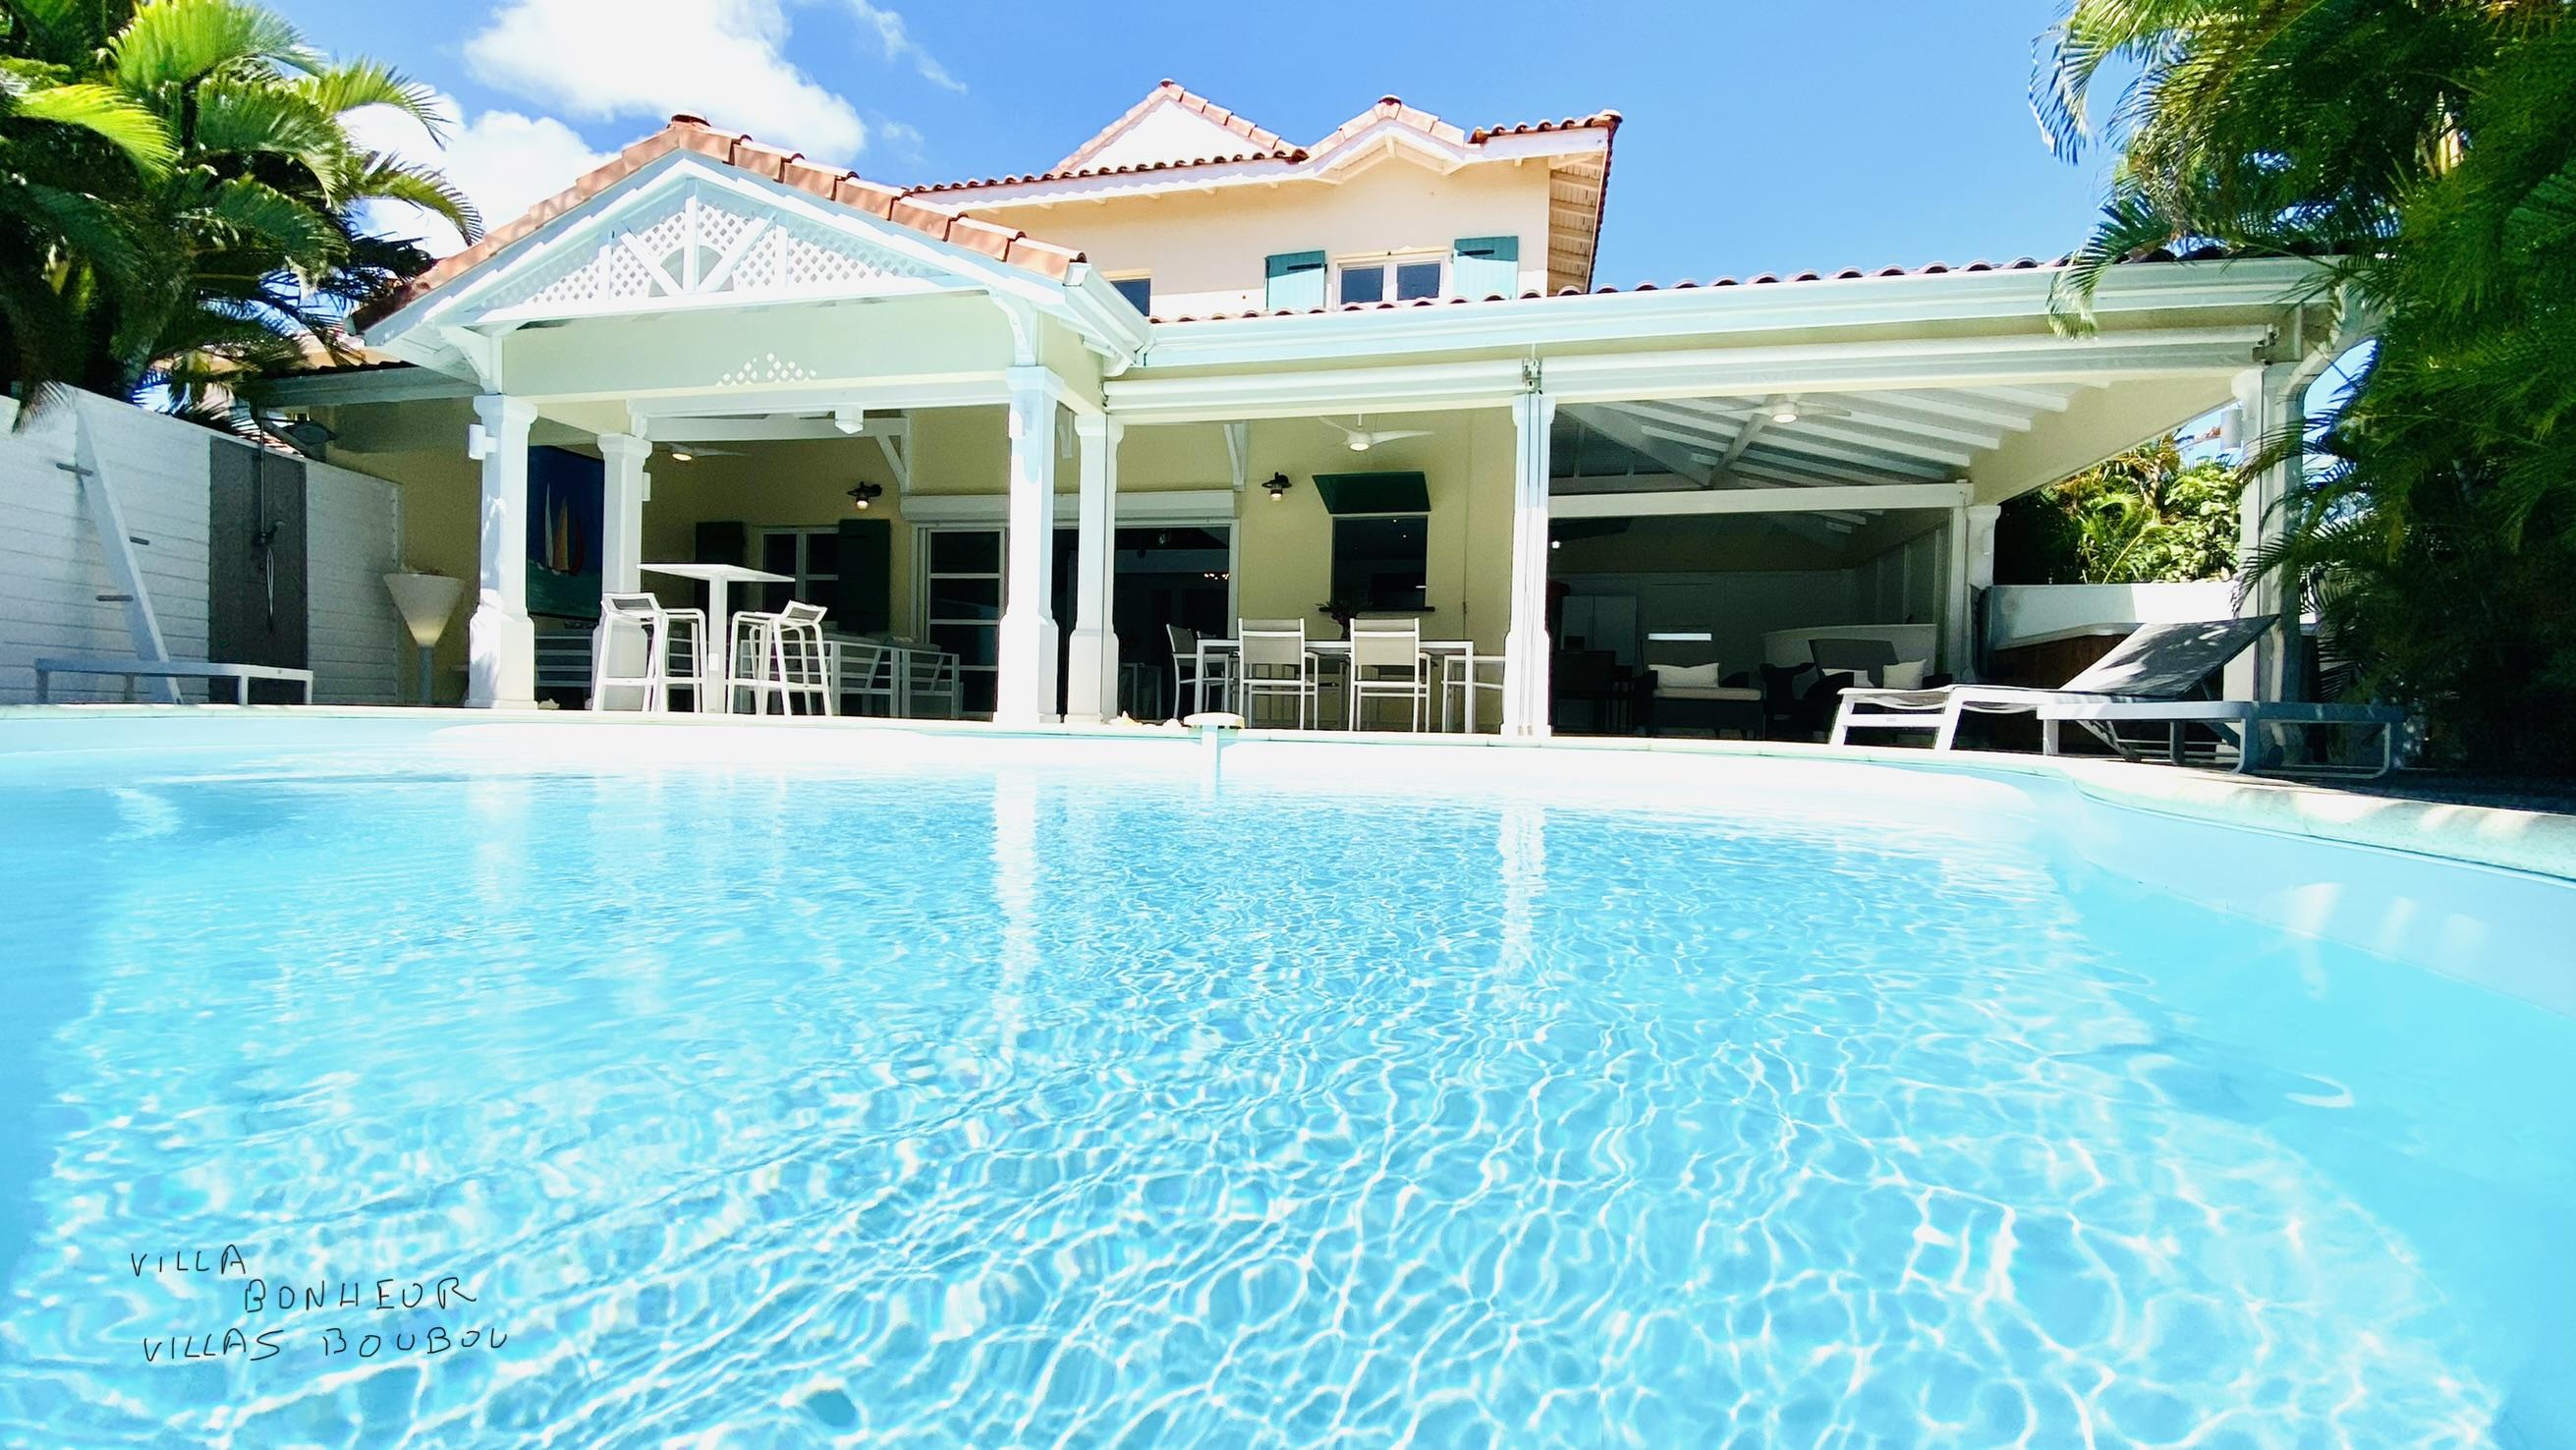 Villa Bonheur - 4 chambres